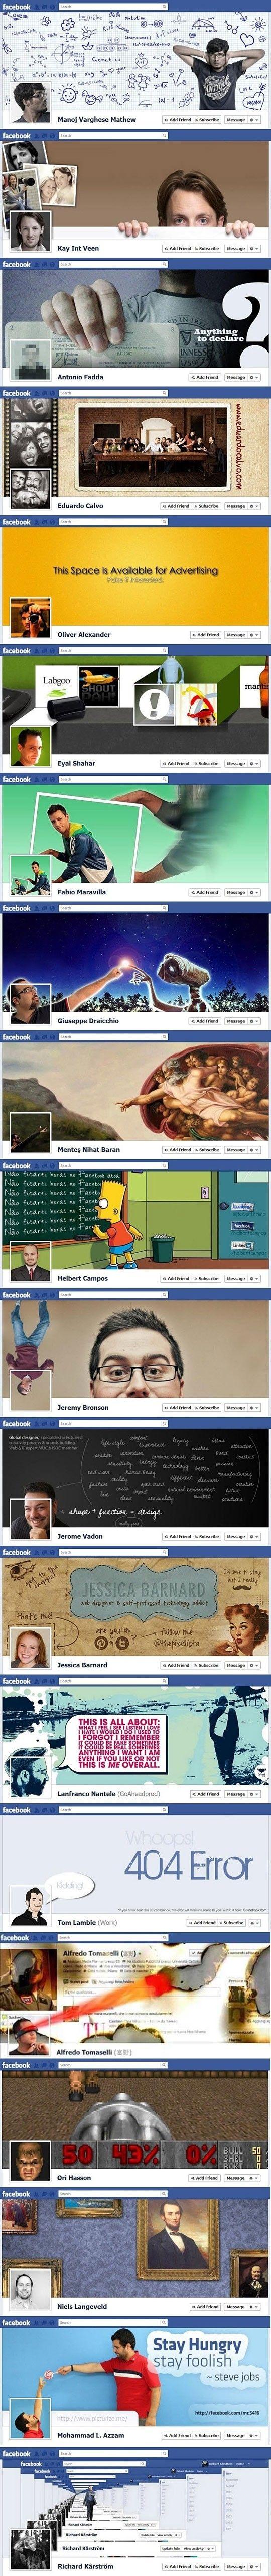 Ideas geniales para la imagen de portada de tu perfil o fan page| #facebook #design